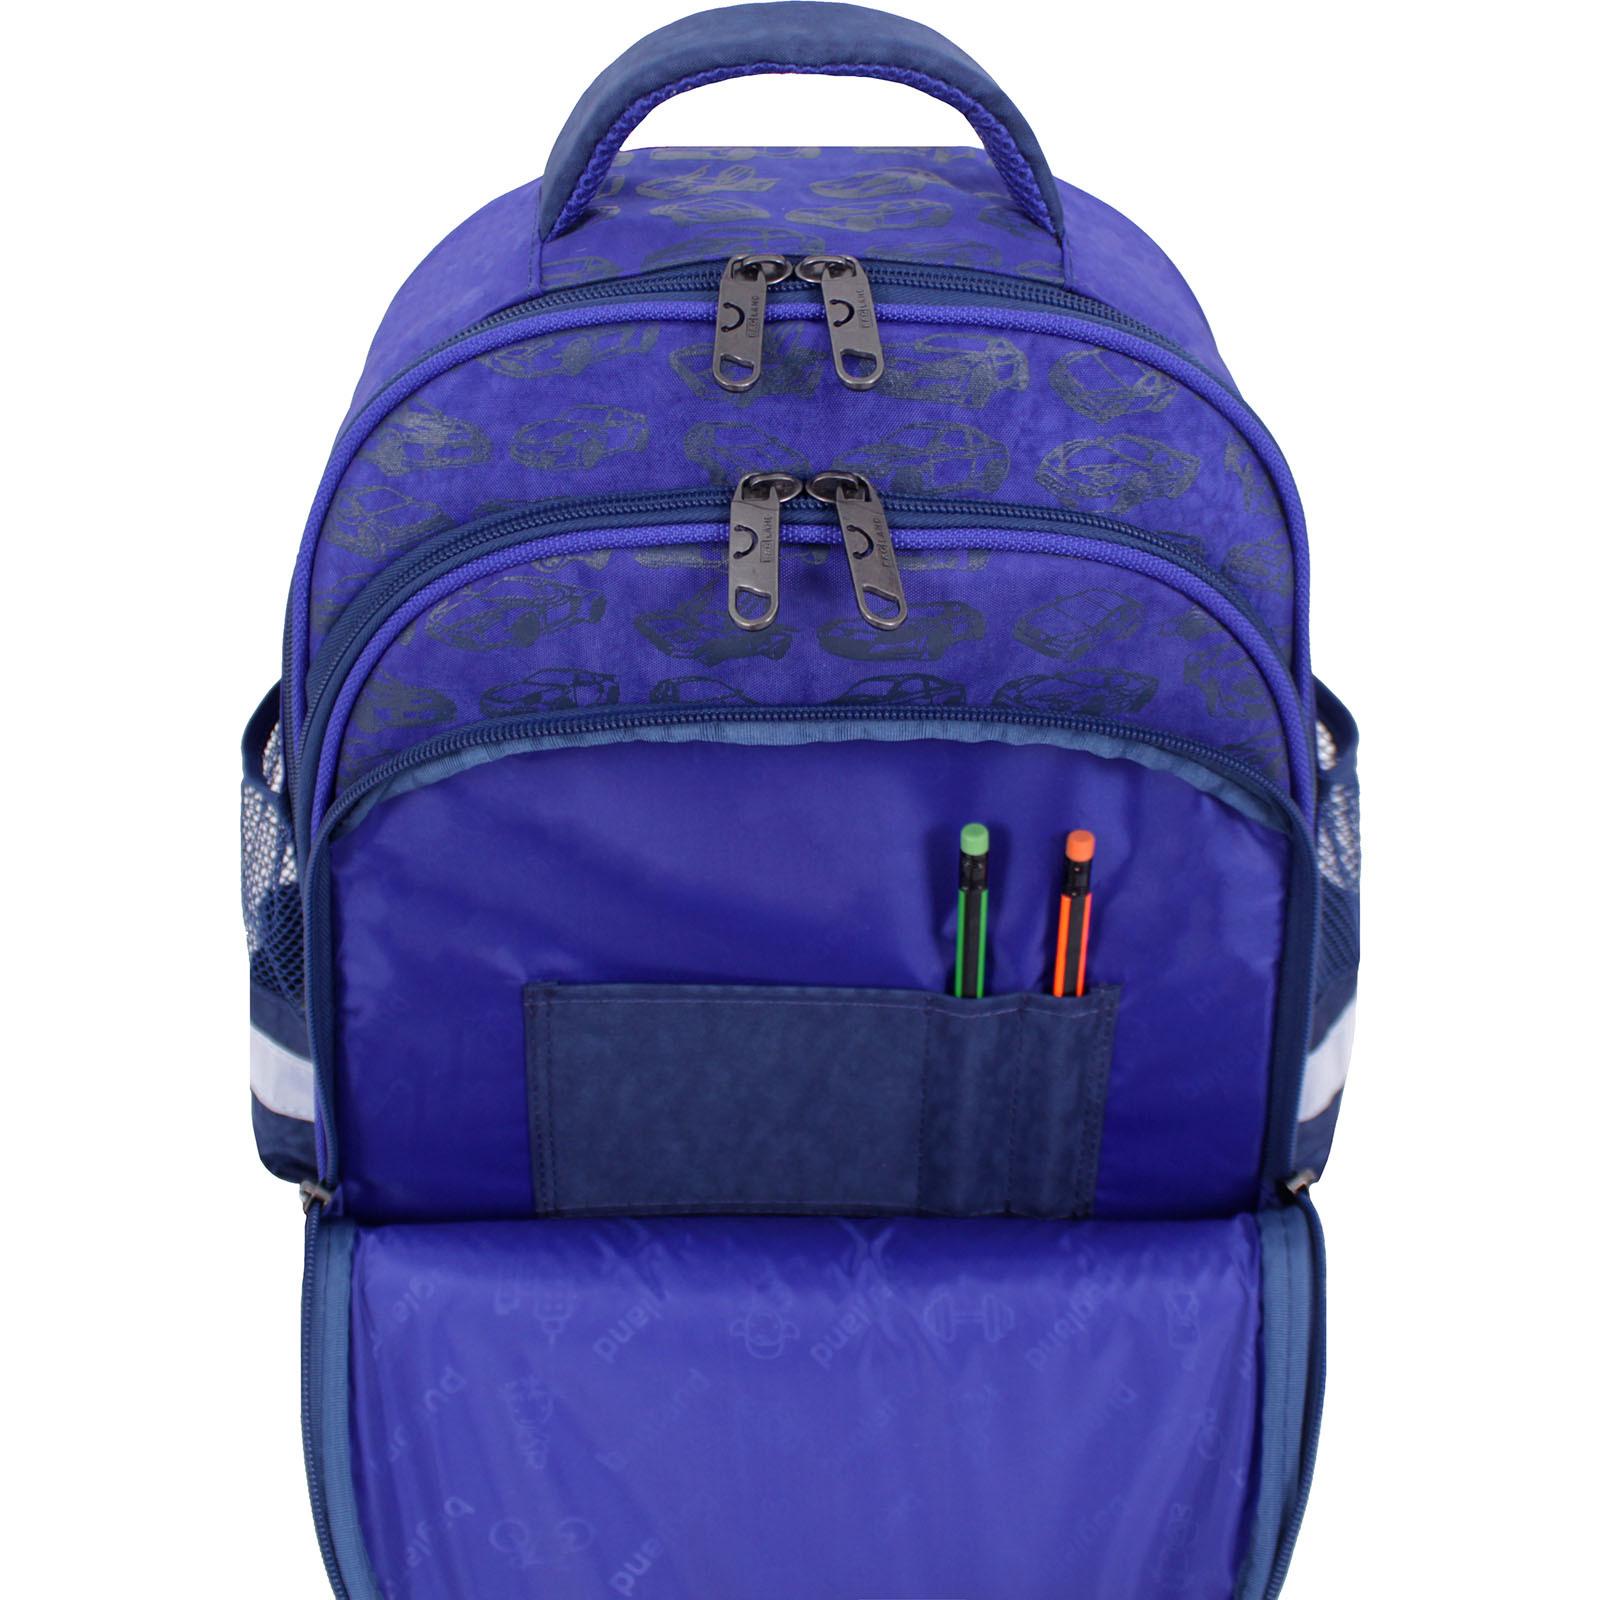 Рюкзак школьный Bagland Mouse 225 синий 56м (0051370) фото 6